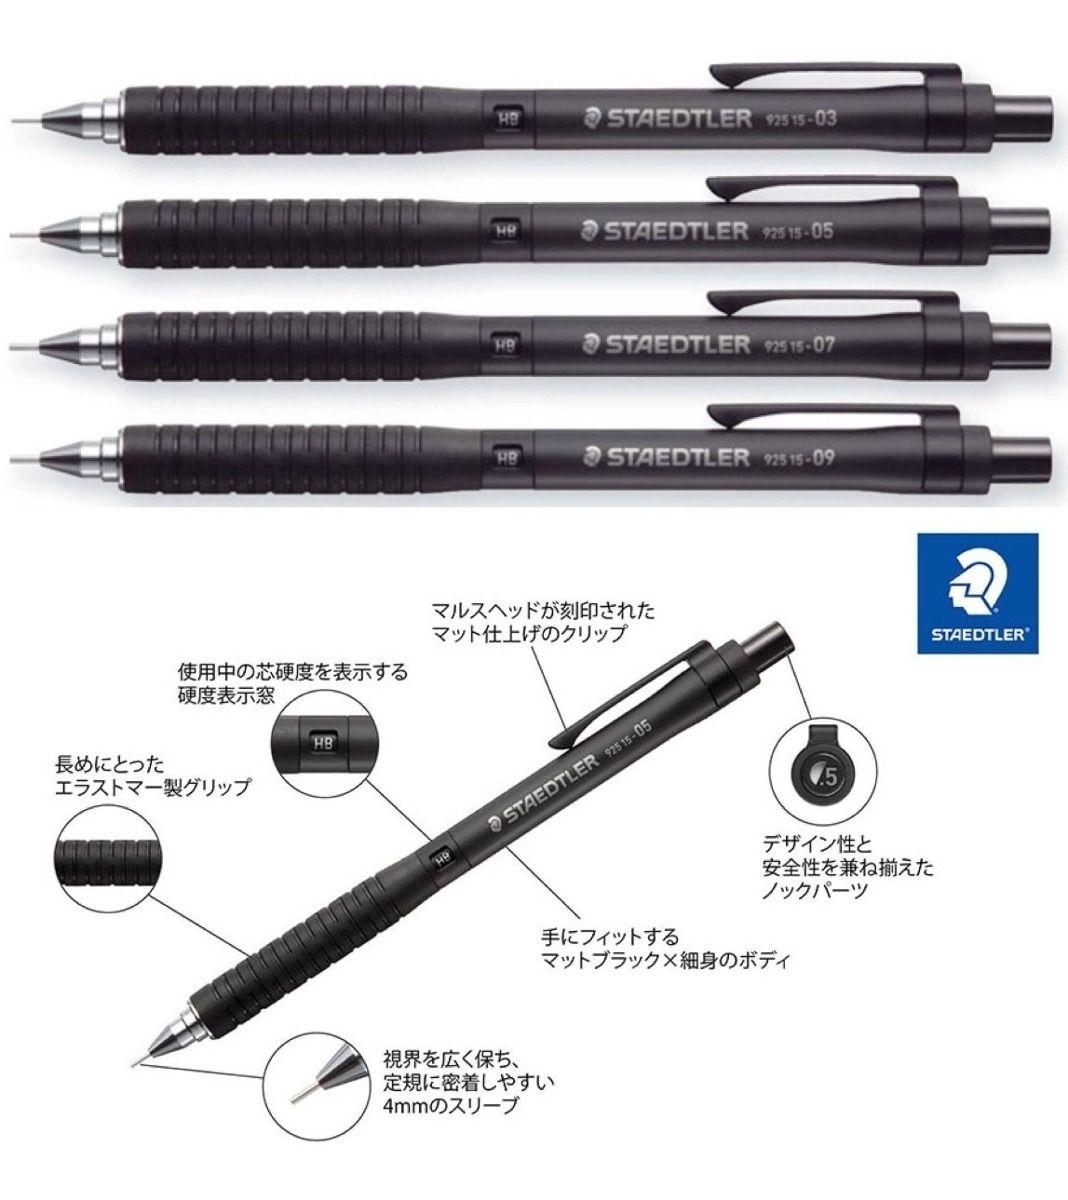 Lapiseira - Staedtler 925 15 - 0.3 , 0.5 , 0.7 ou 0.9mm